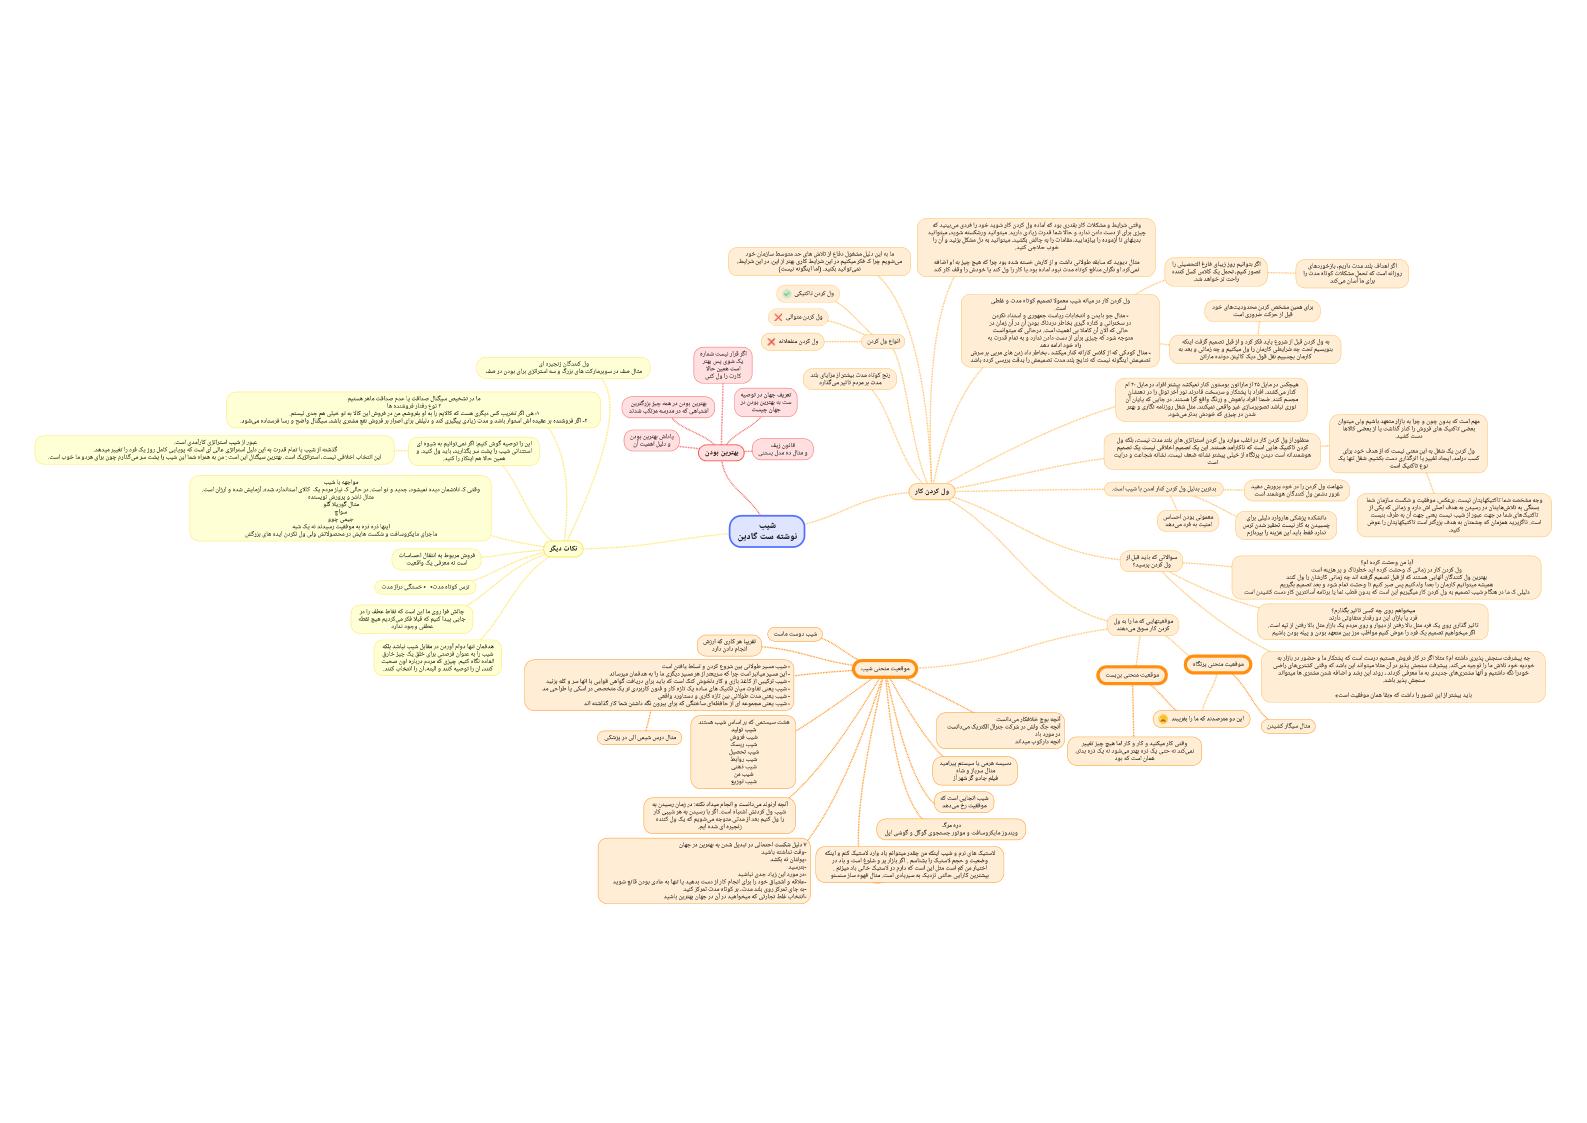 نقشه ذهن کتاب شیب ست گادین